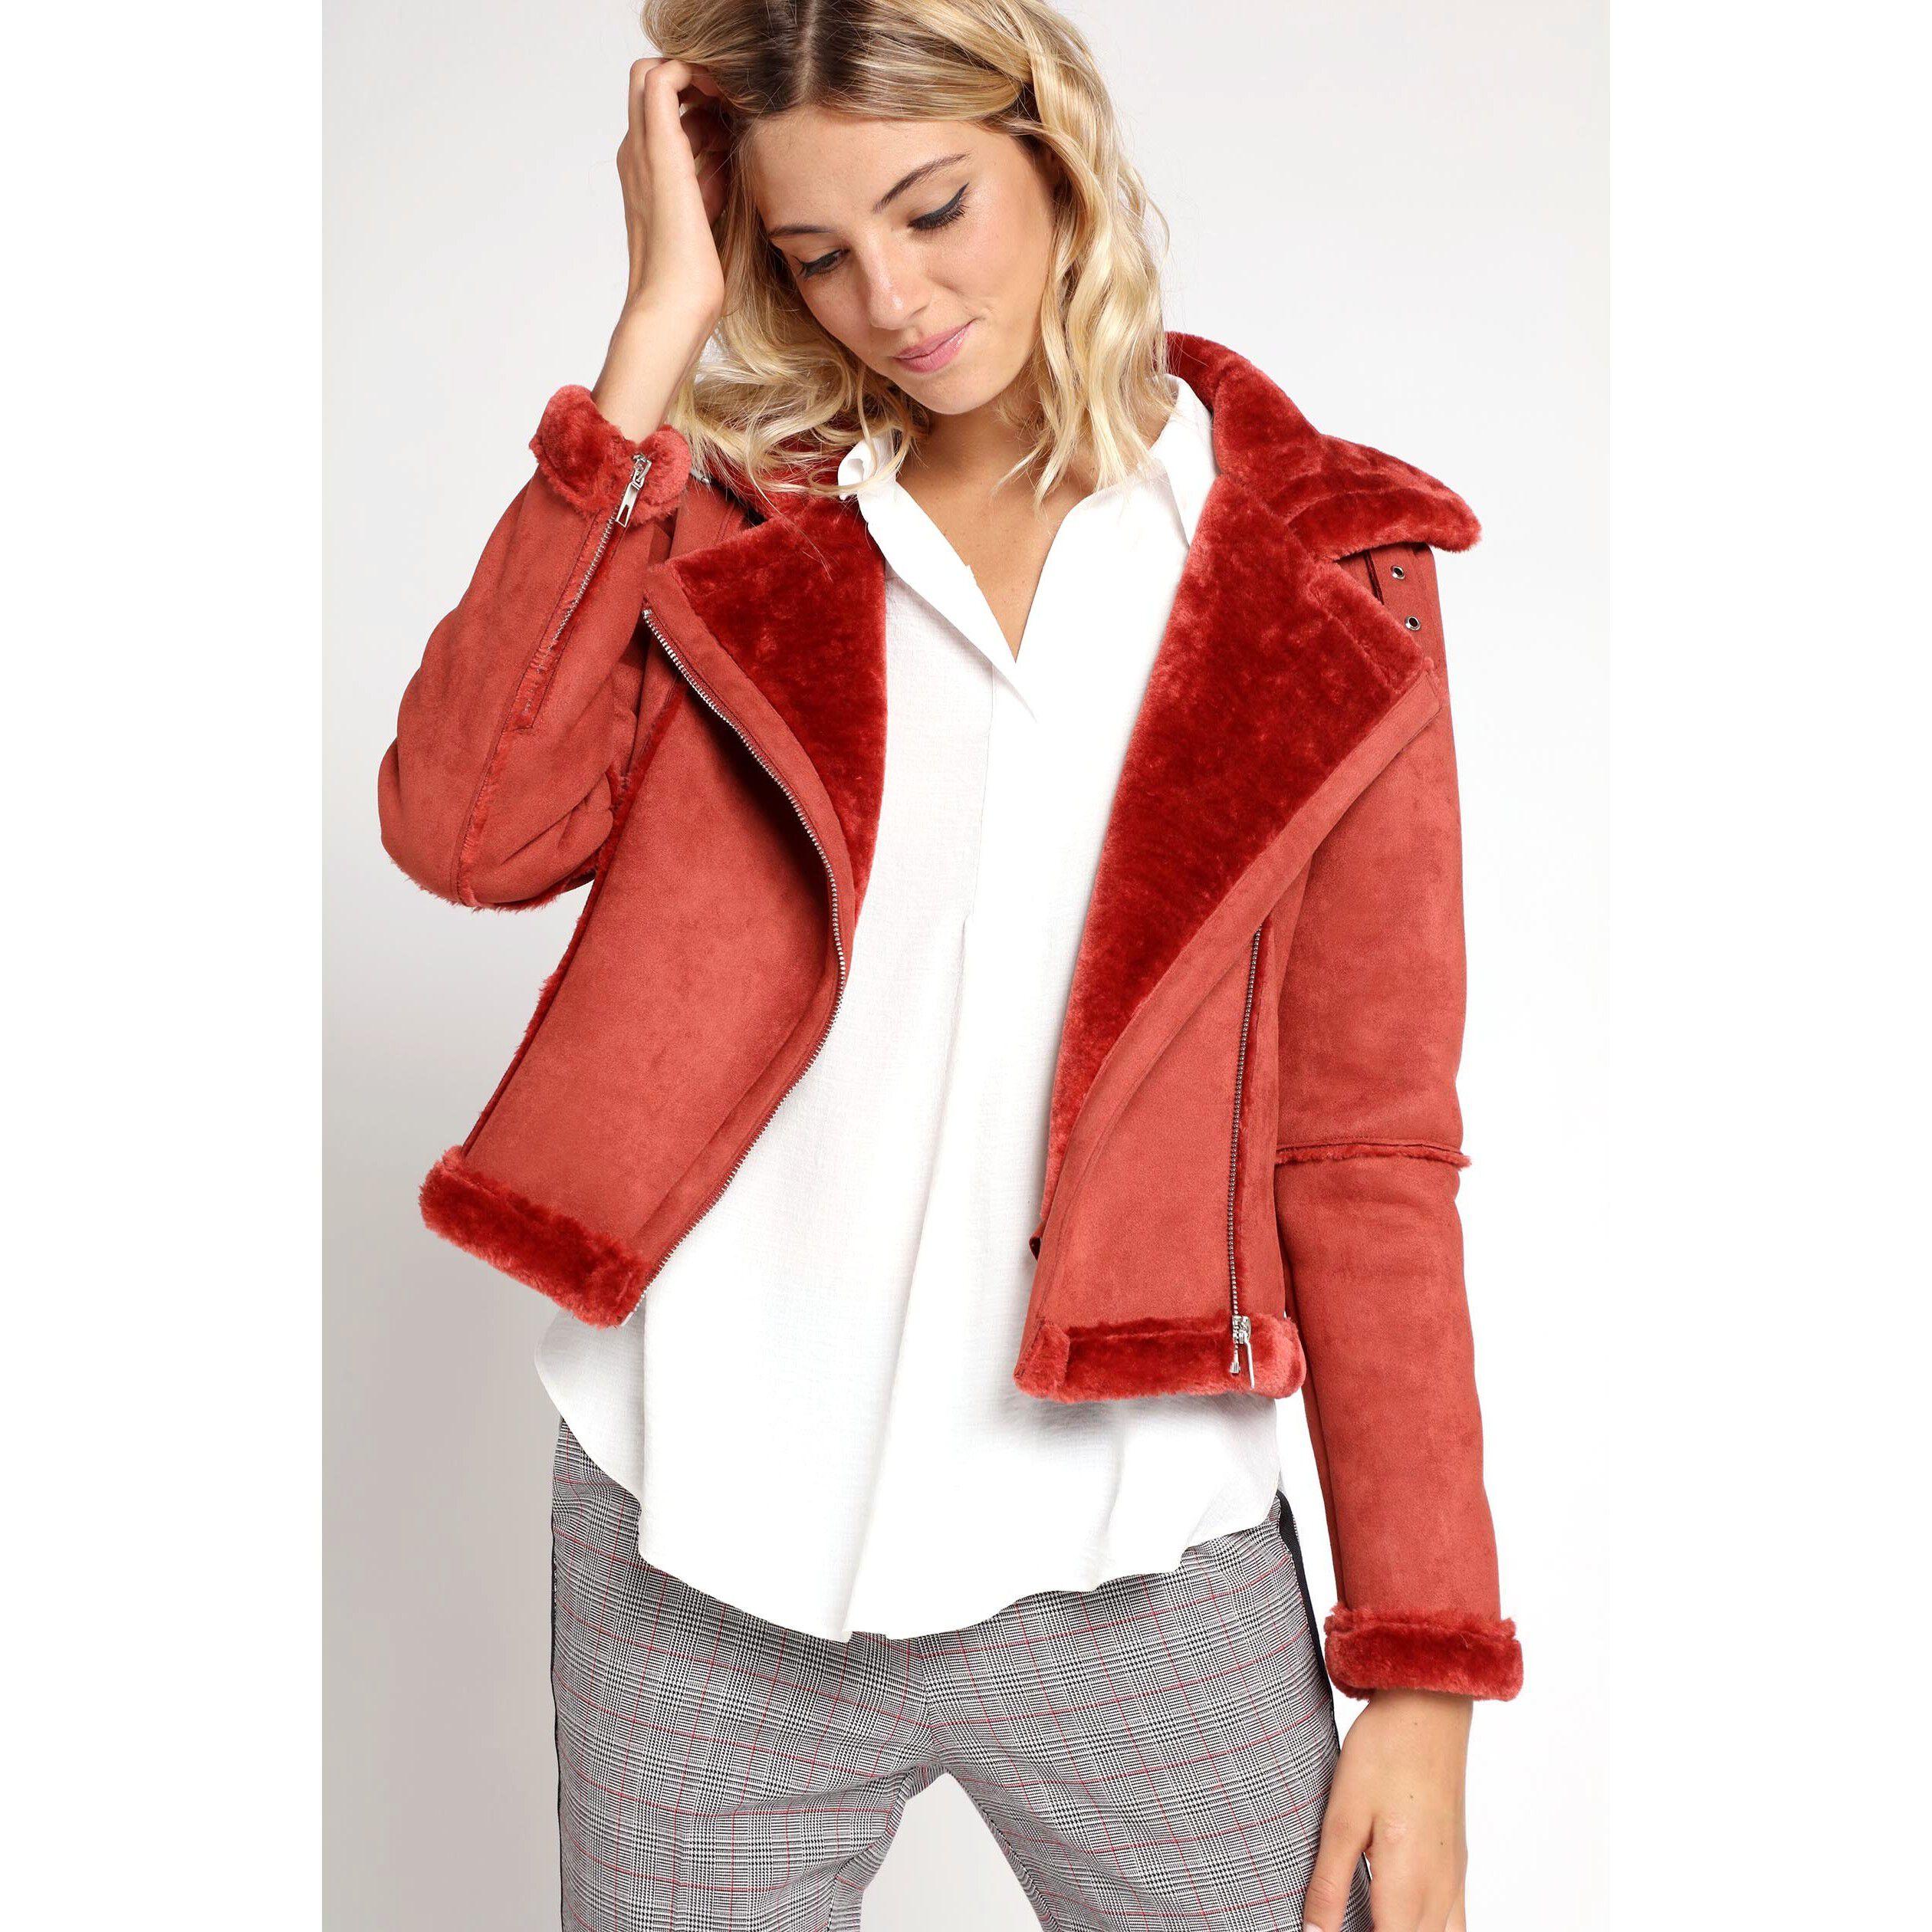 Vestes et manteaux rouge 42 femme | Vib's